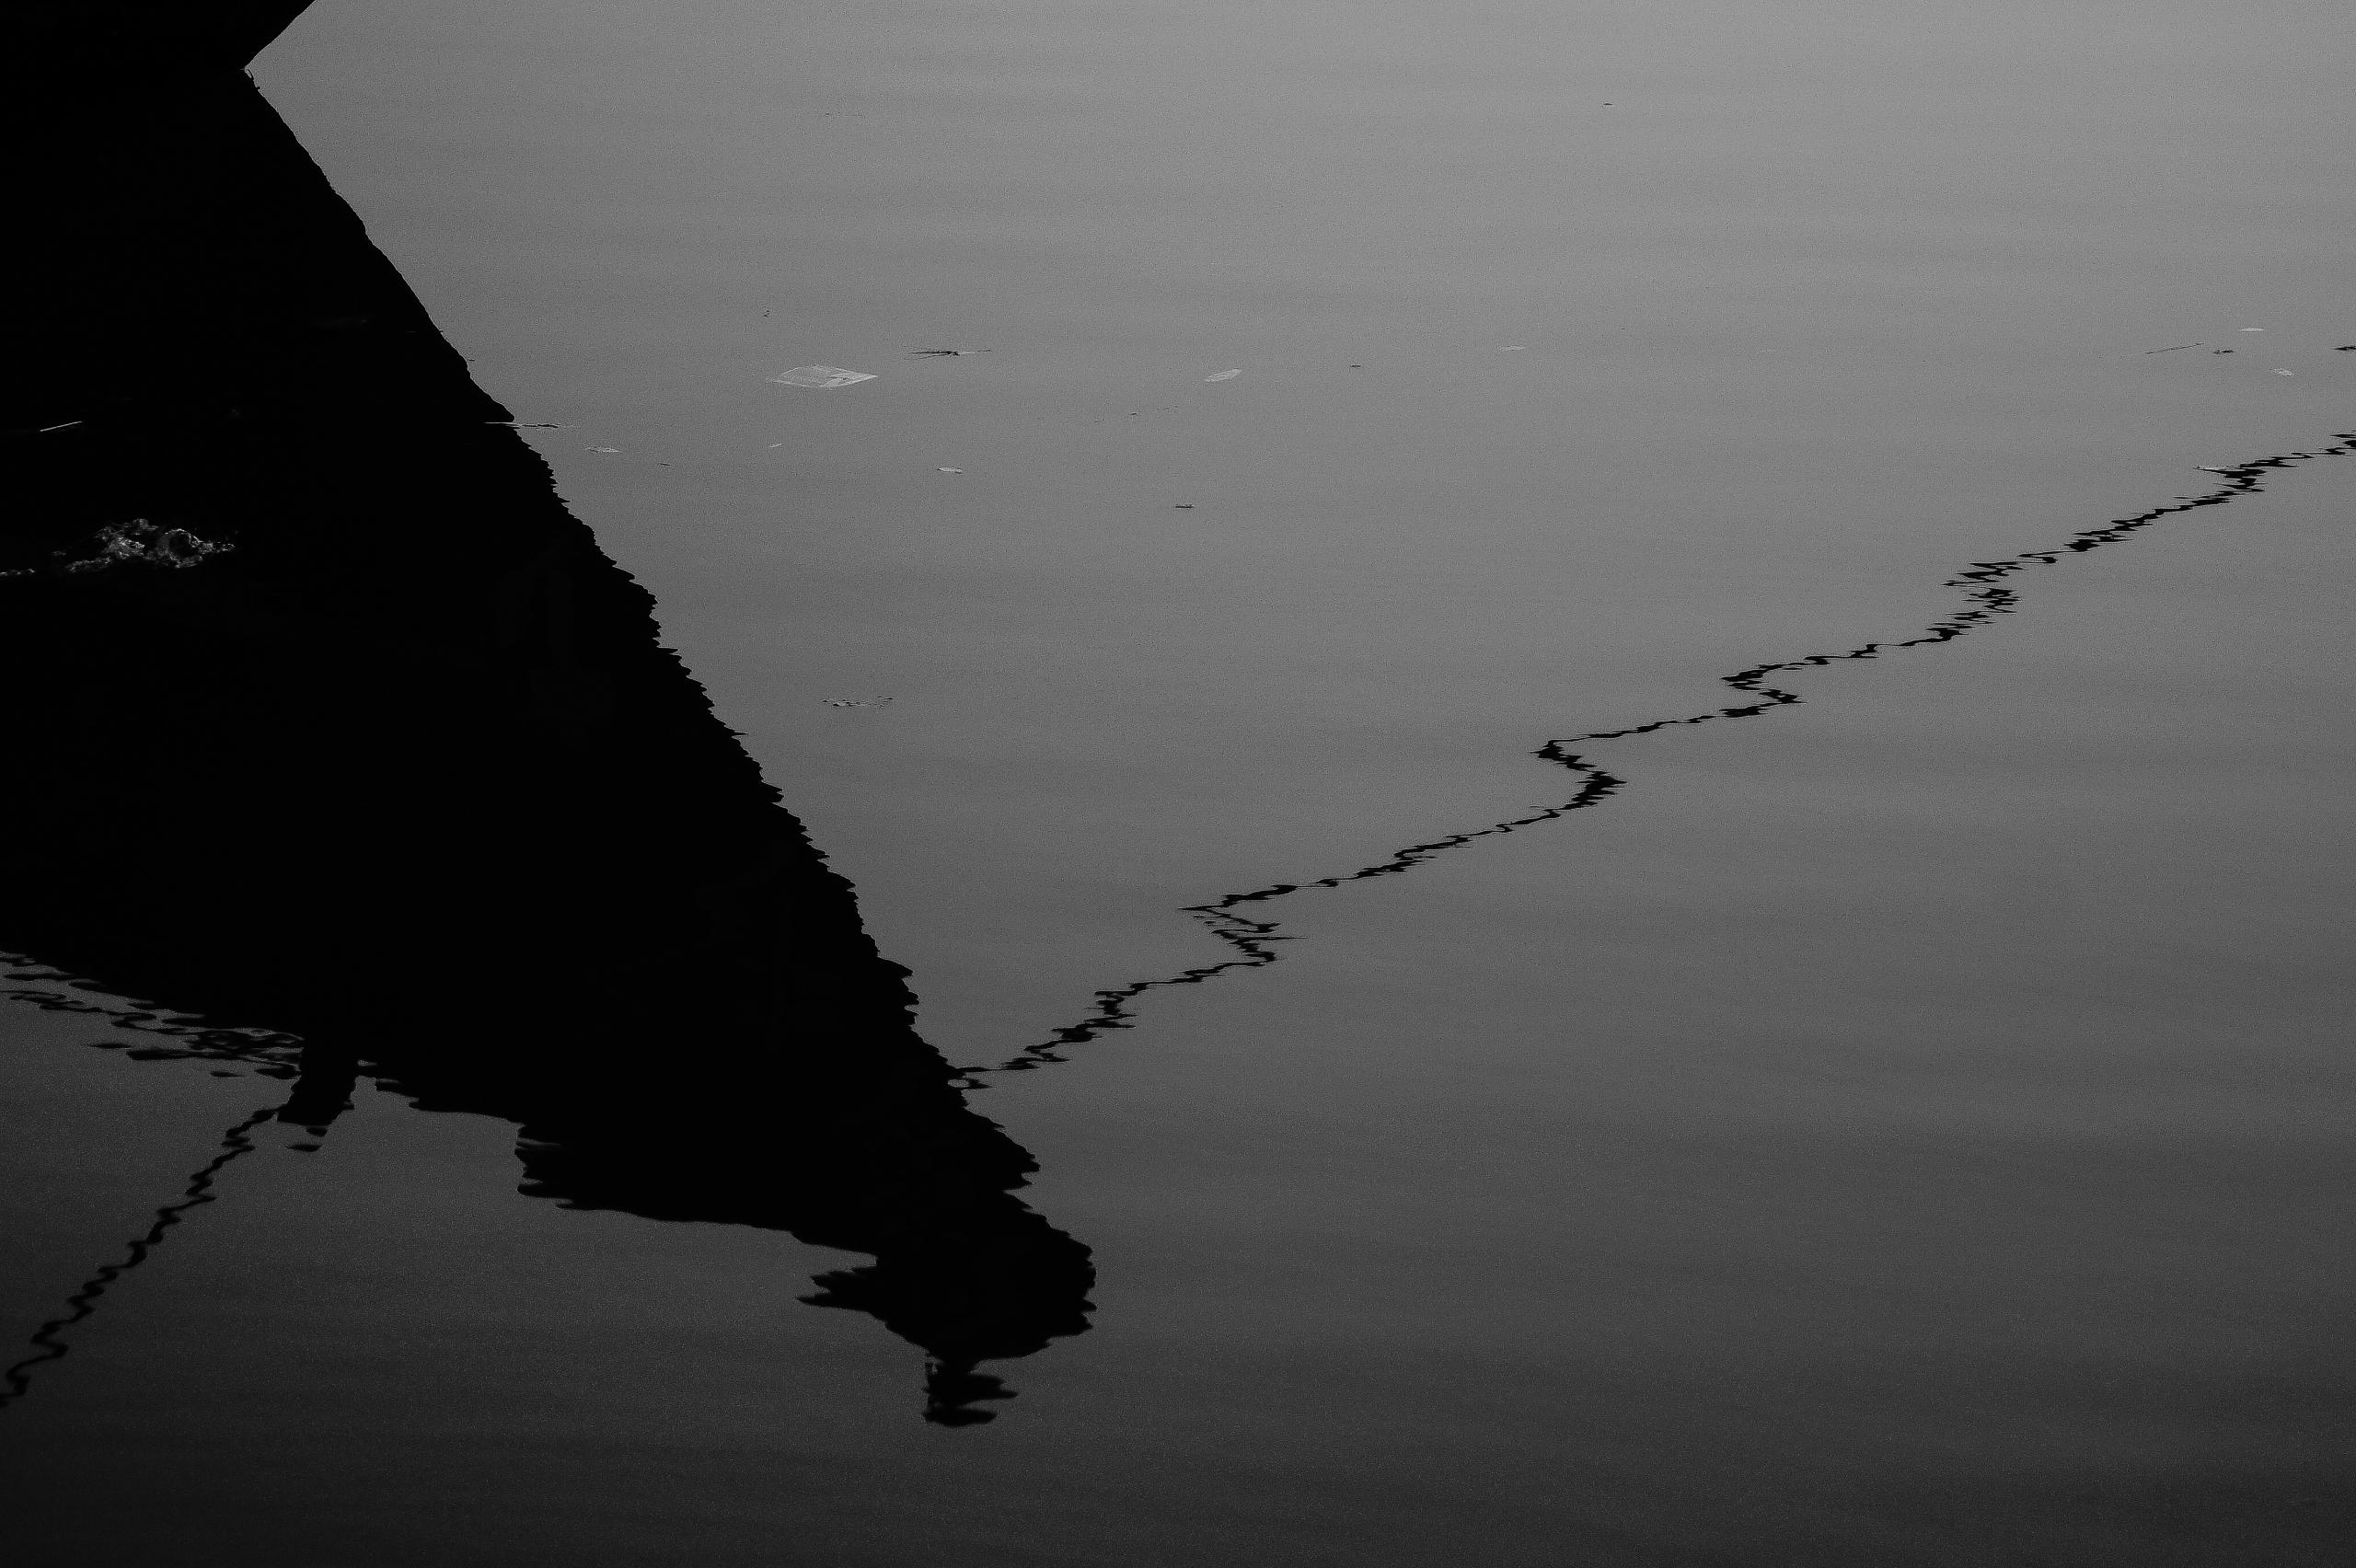 Reflection unseen Mind - Arriva - sat1974 | ello